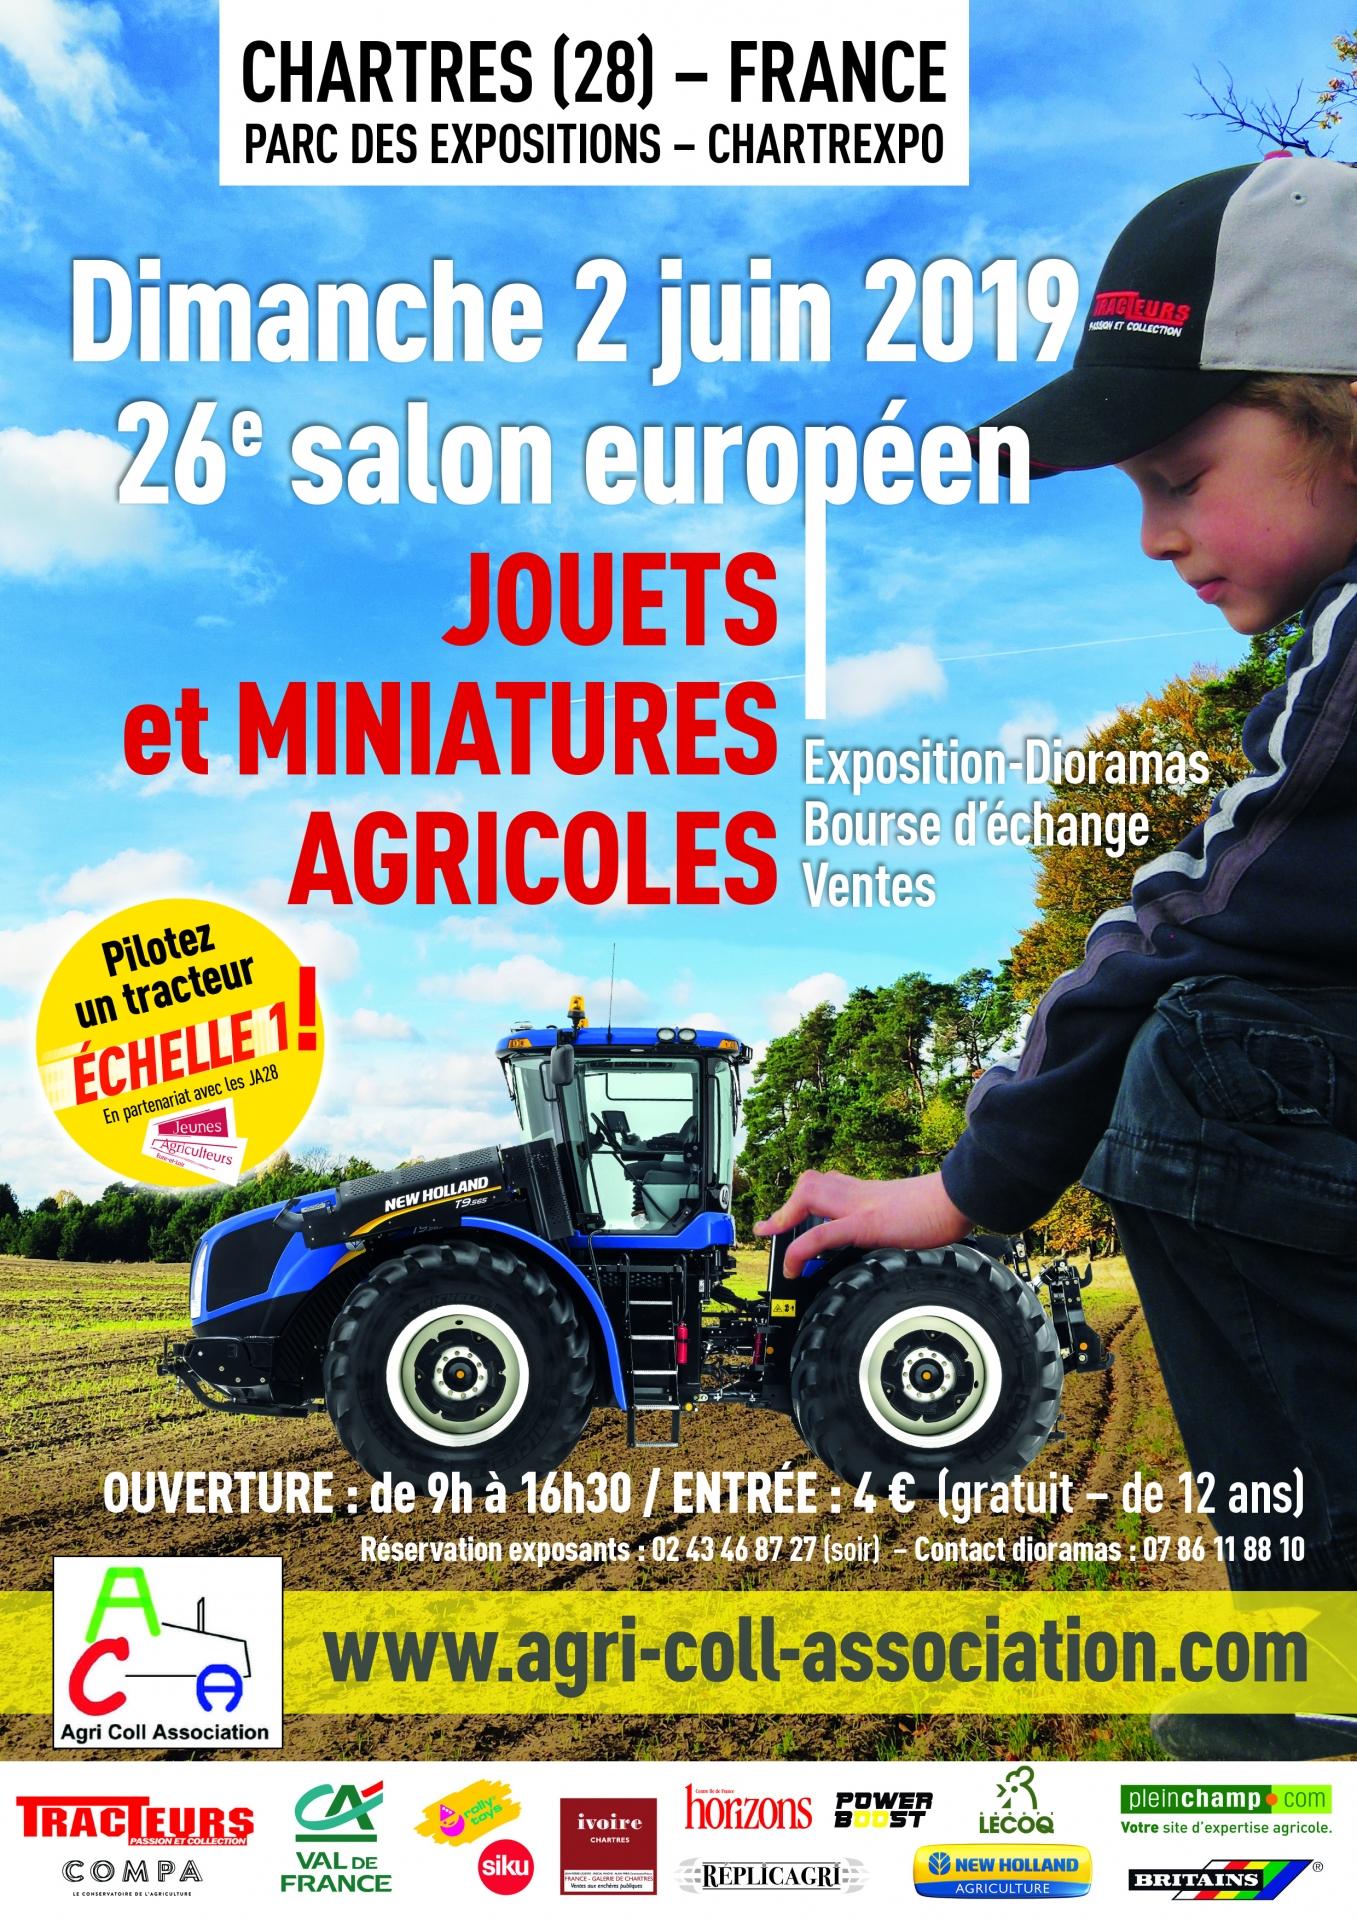 26-eme-salon-européen-des-miniatures-agricoles